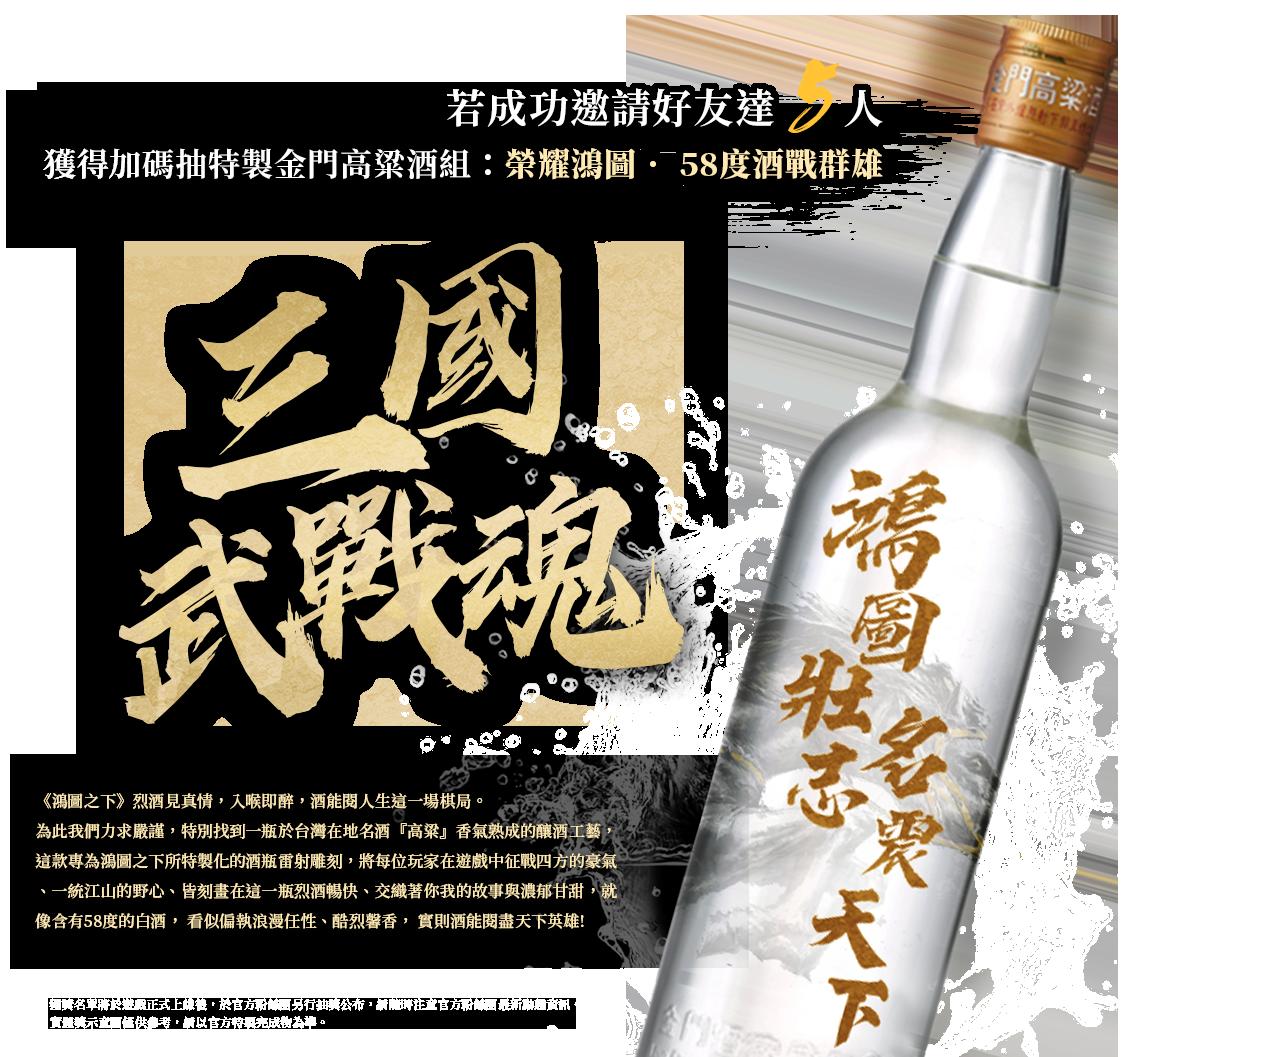 成功邀請好友達5人,獲得加碼抽特製金門高粱酒組